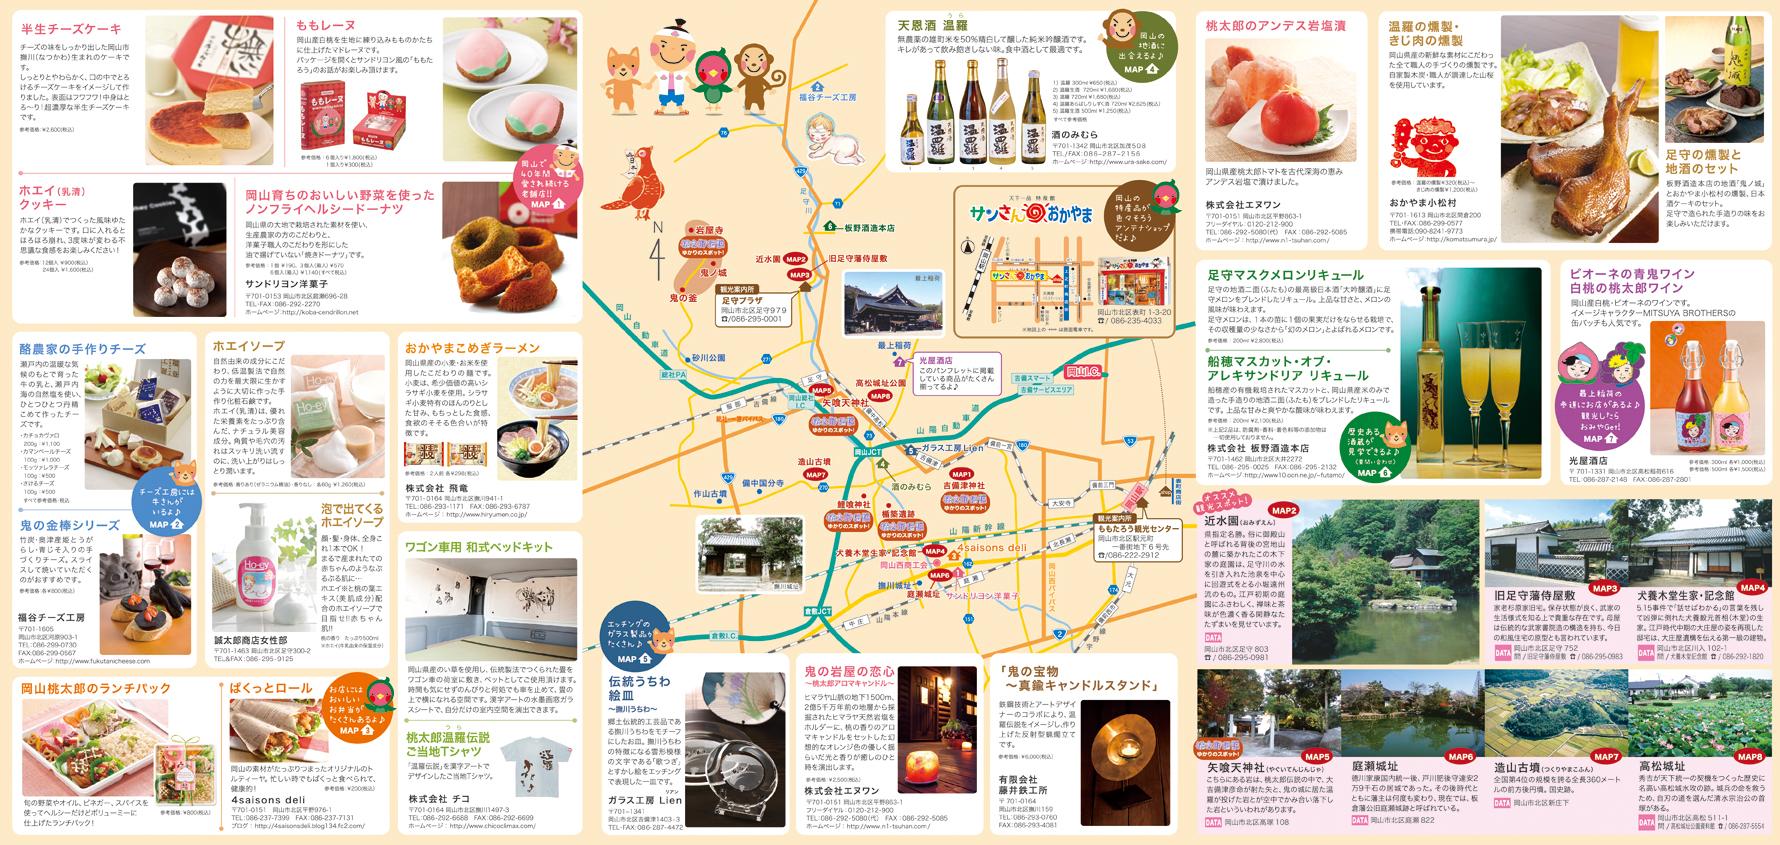 nishi2012_ol